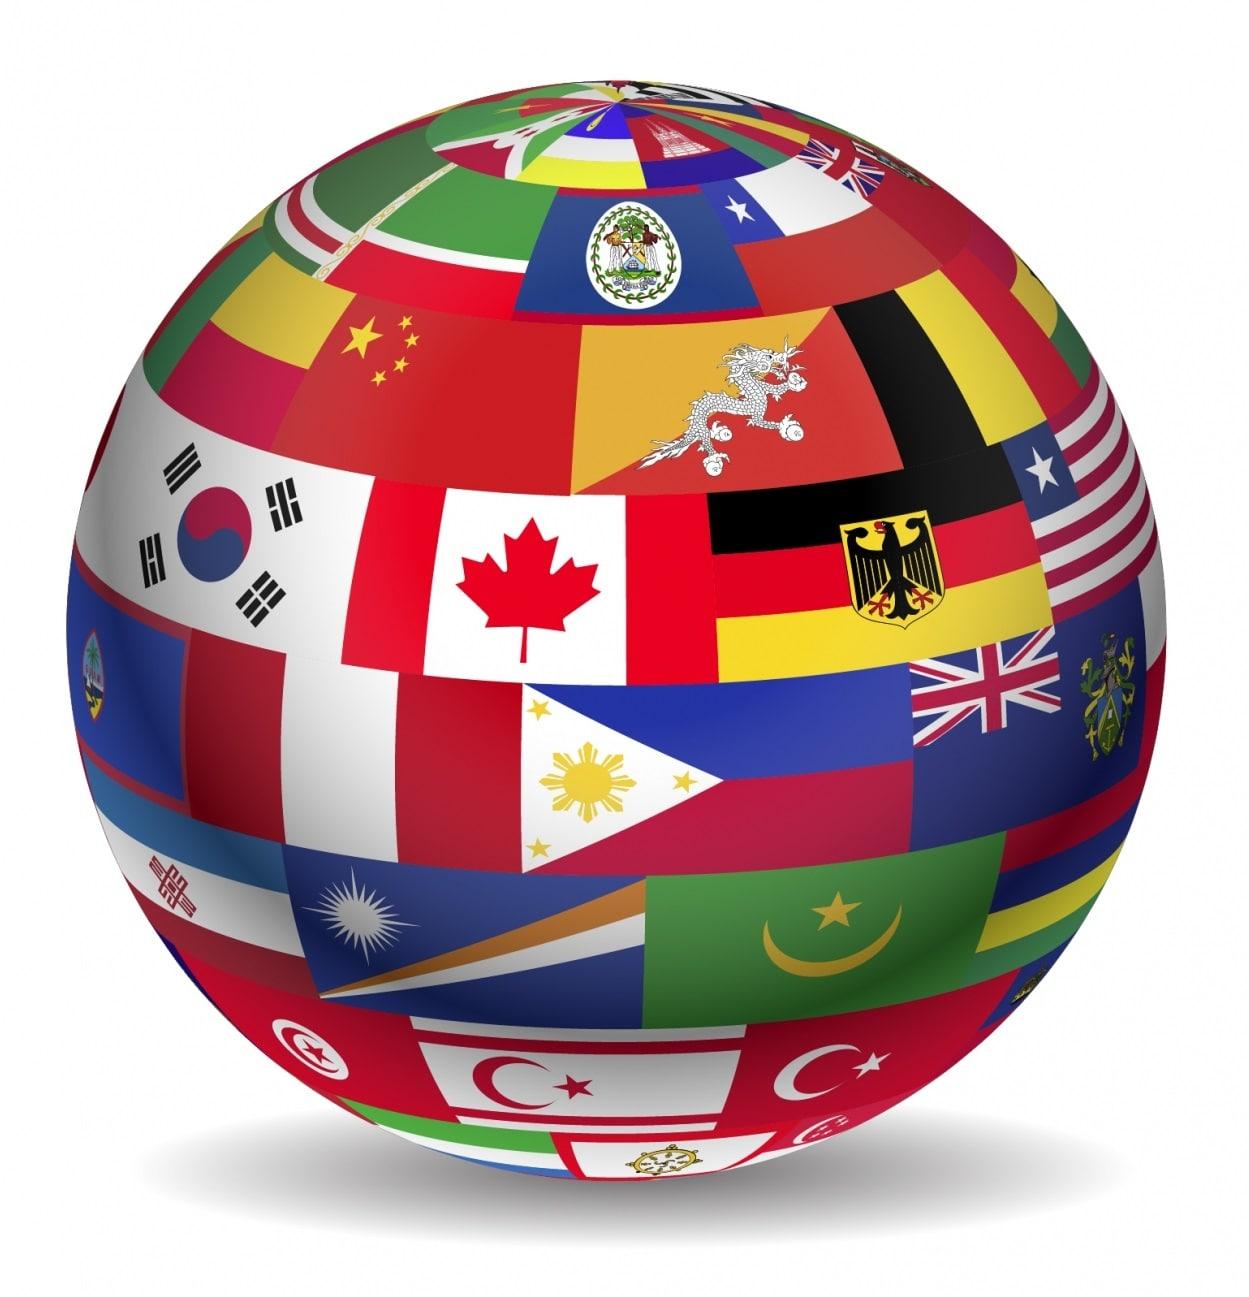 Globus prevodjenja